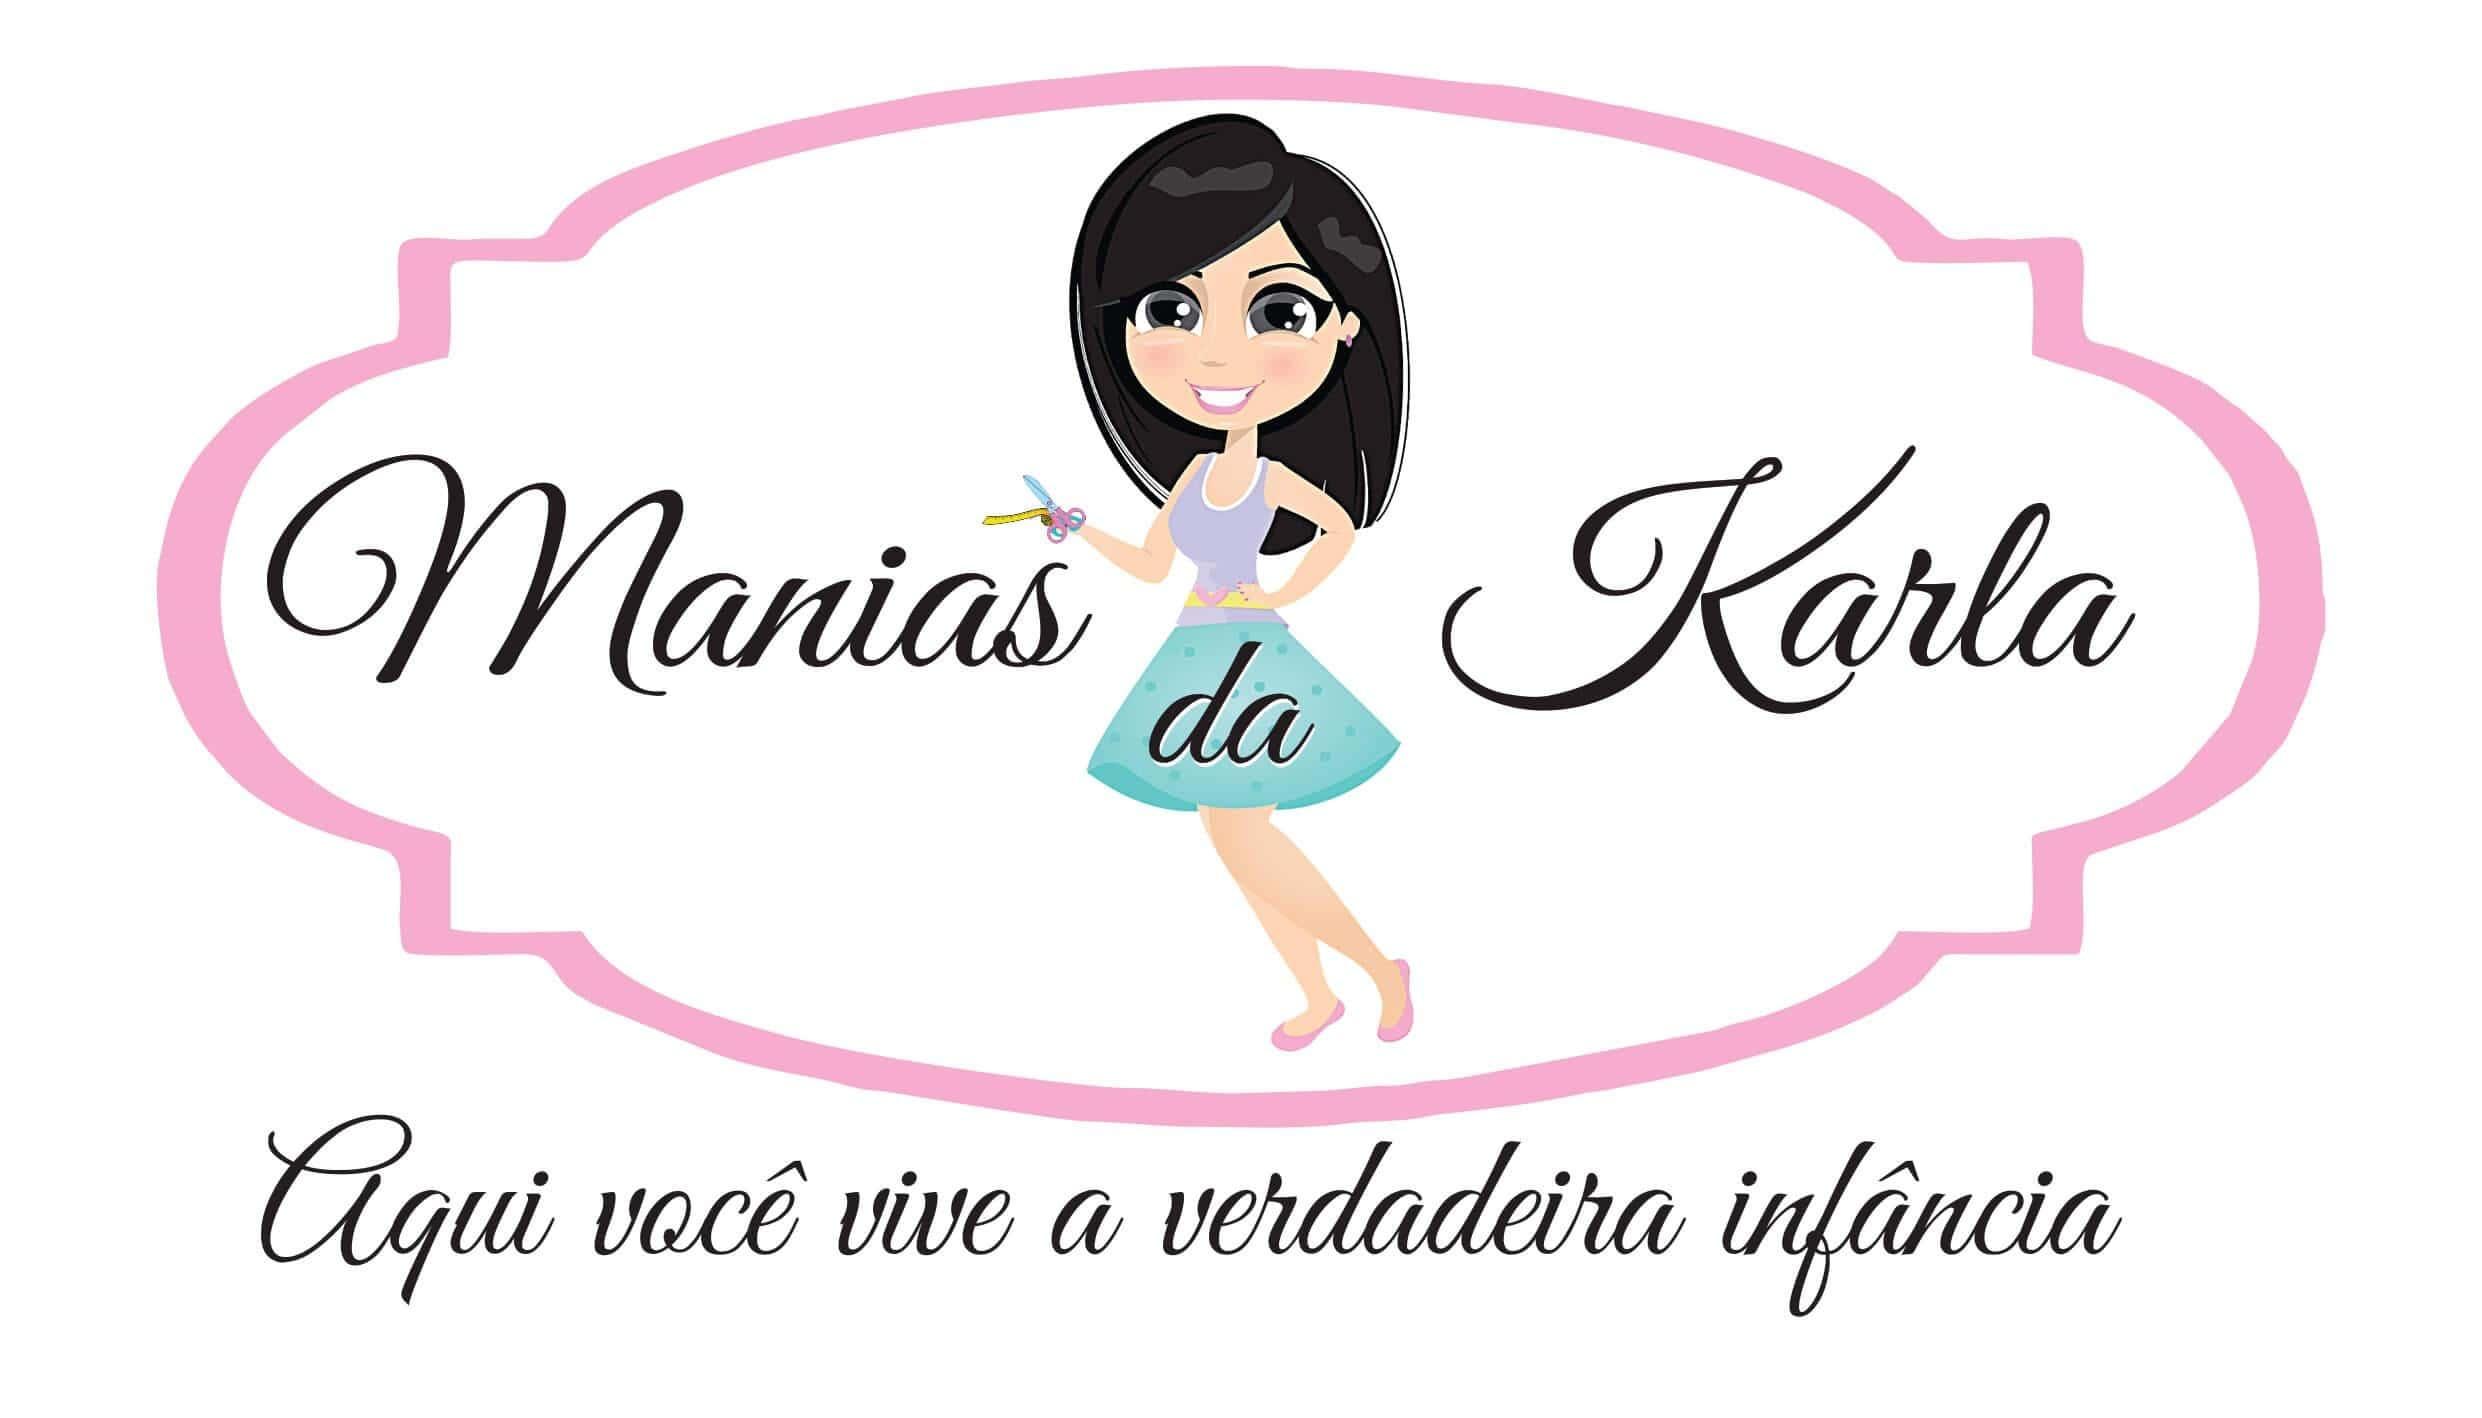 Manias da Karla